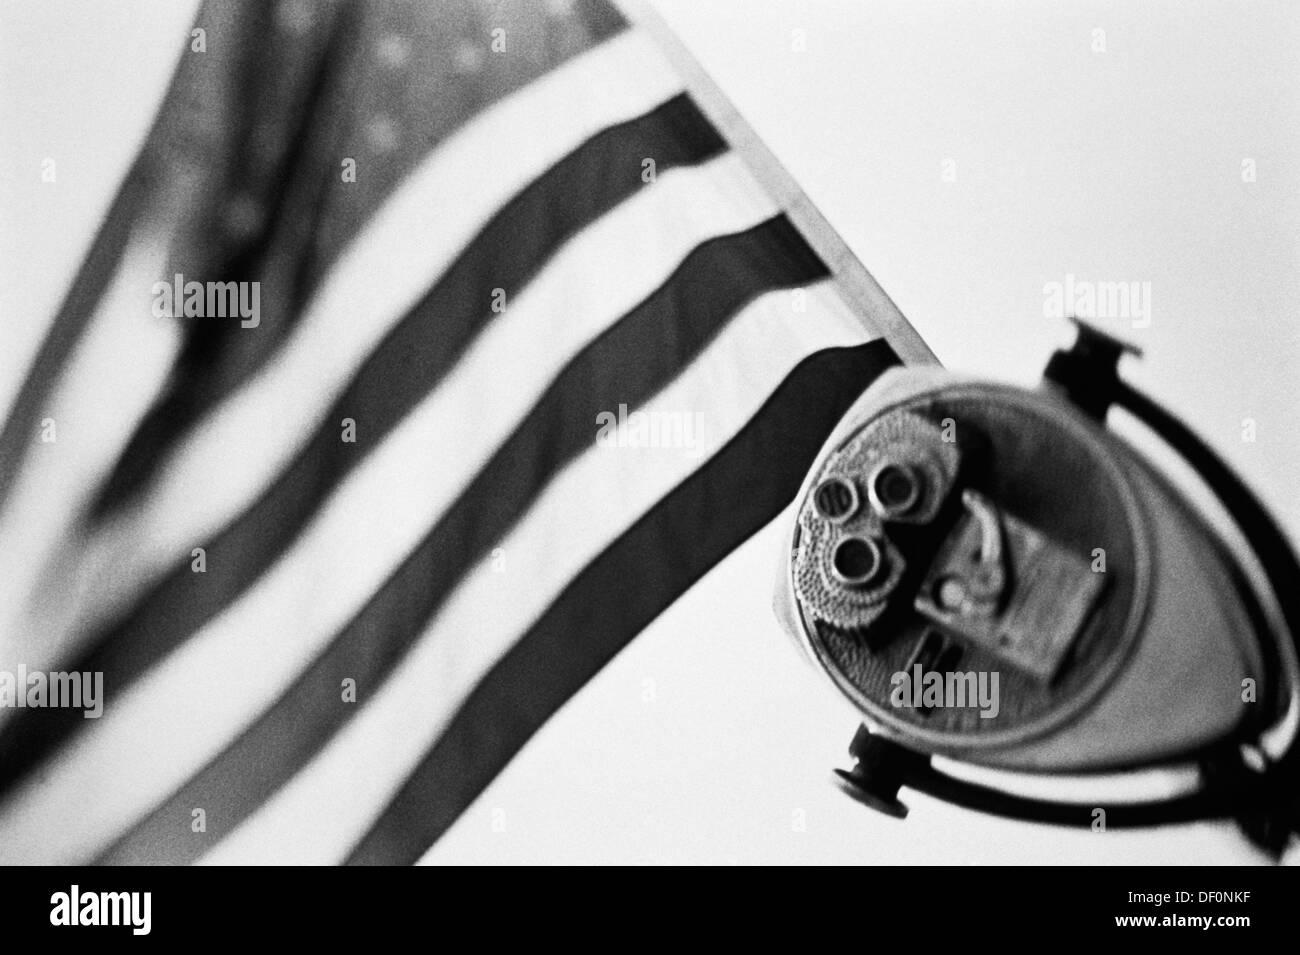 Stati Uniti d'America, bandiera americana, telescopio, close-up. Immagini Stock